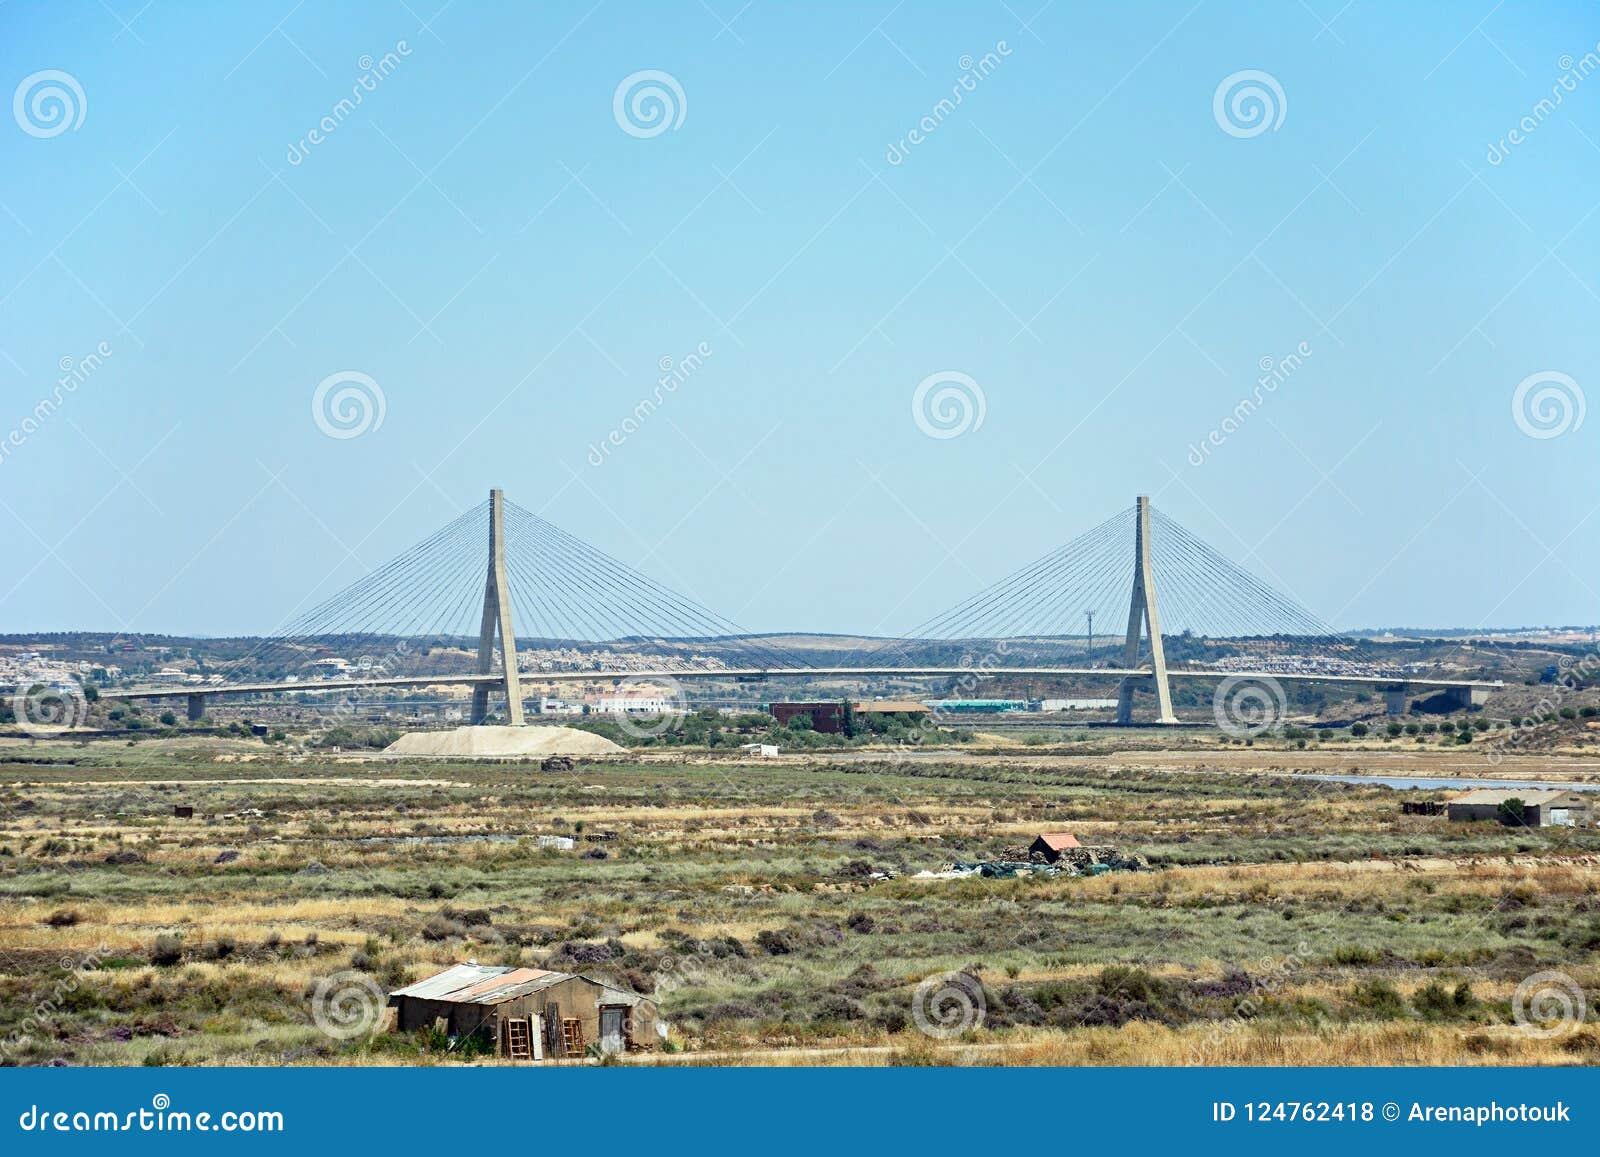 Puente internacional de Guadiana, Castro Marim